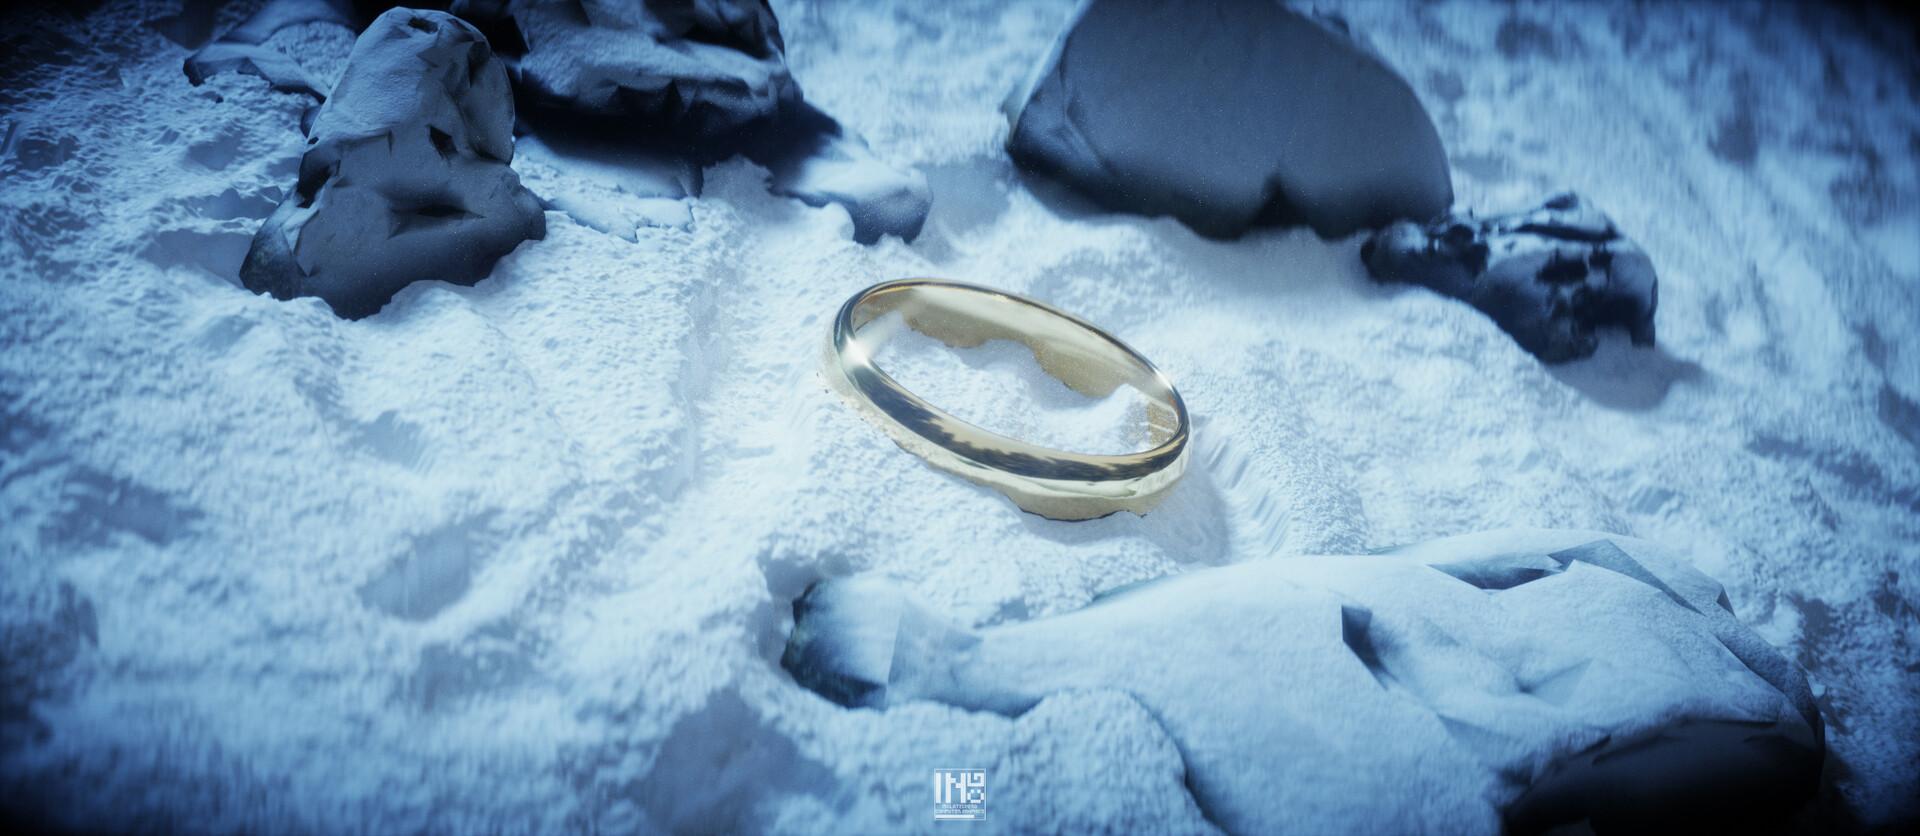 Matias toloza isolatednerdcg snow hq